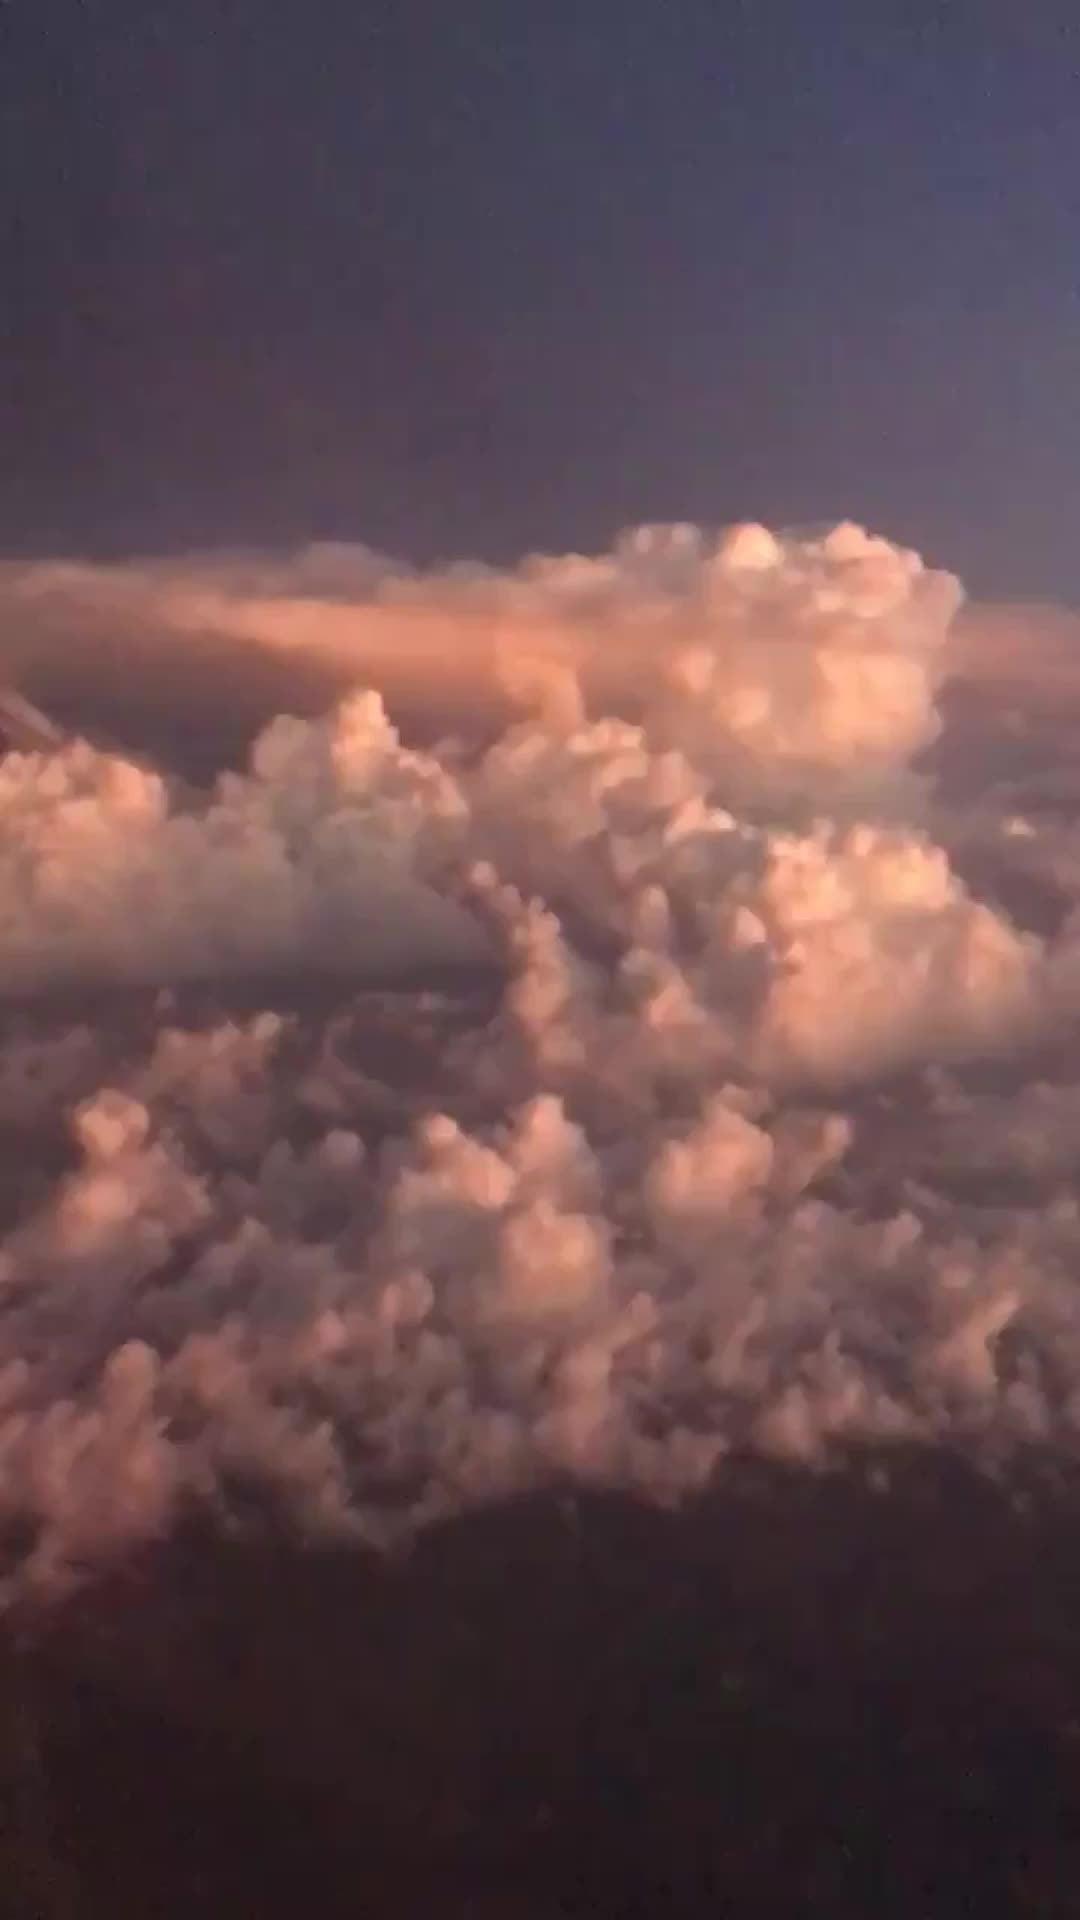 Lightning Seen From Plane Over Nebraska